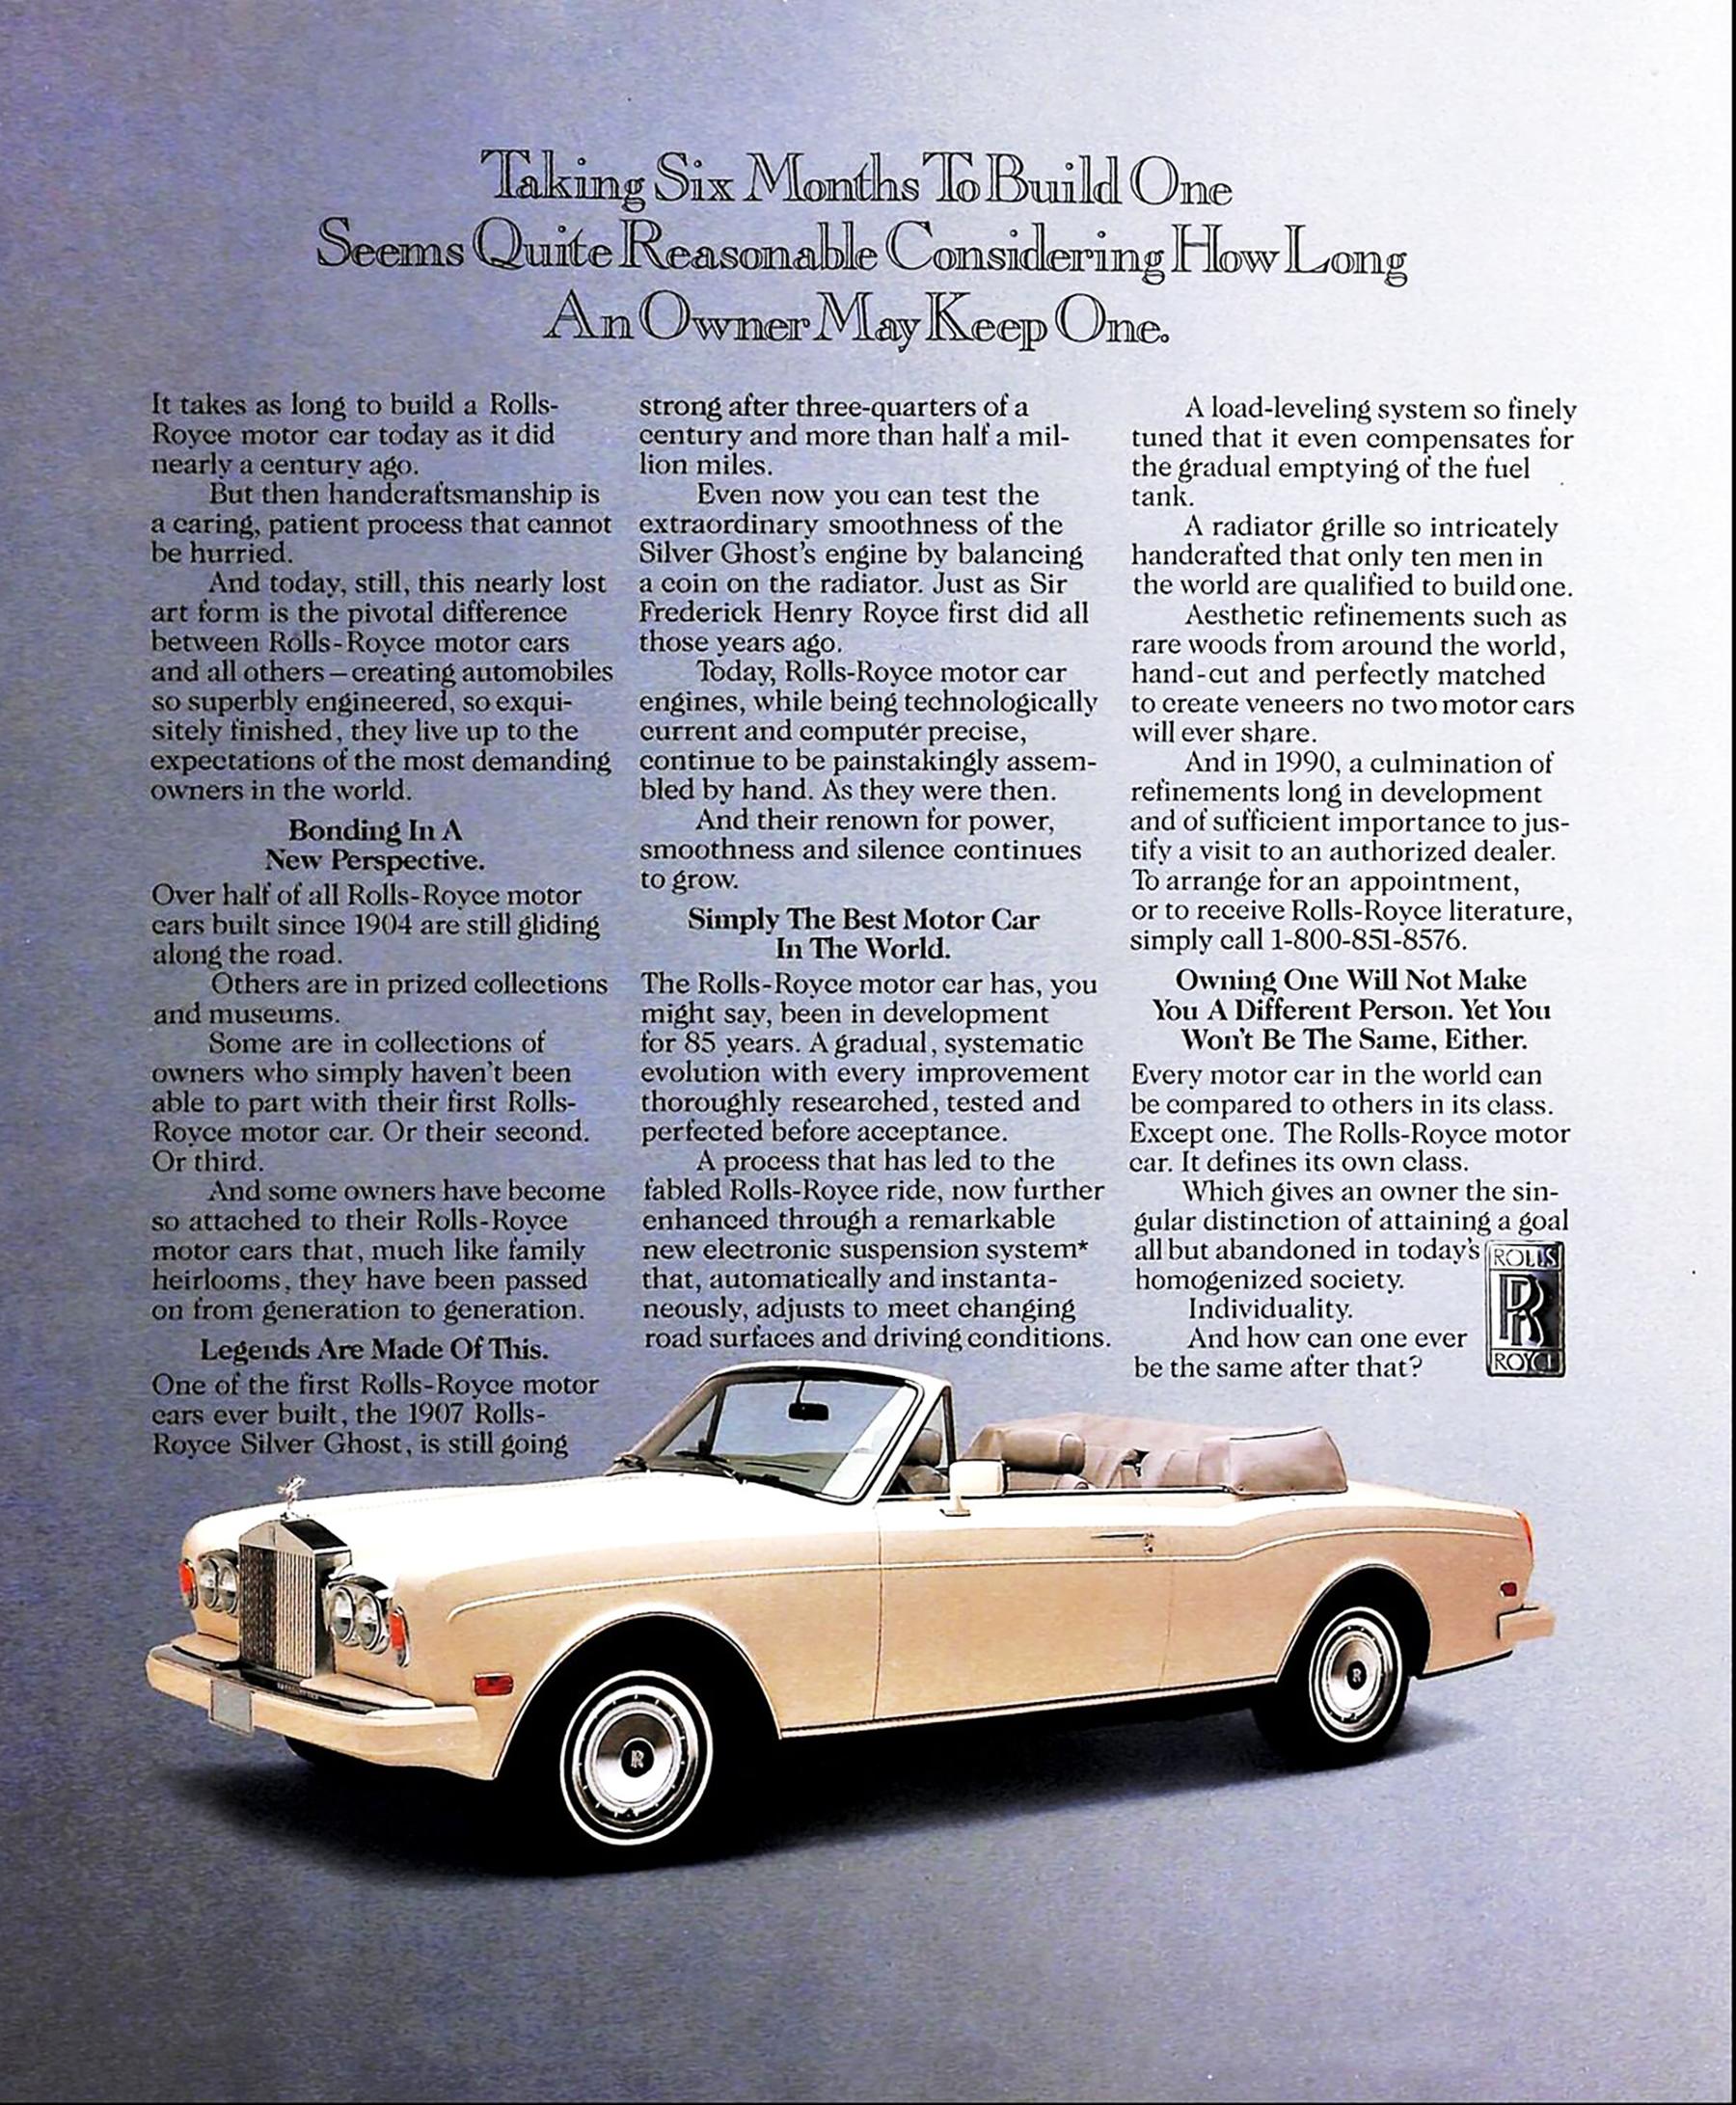 1990 Rolls-Royce